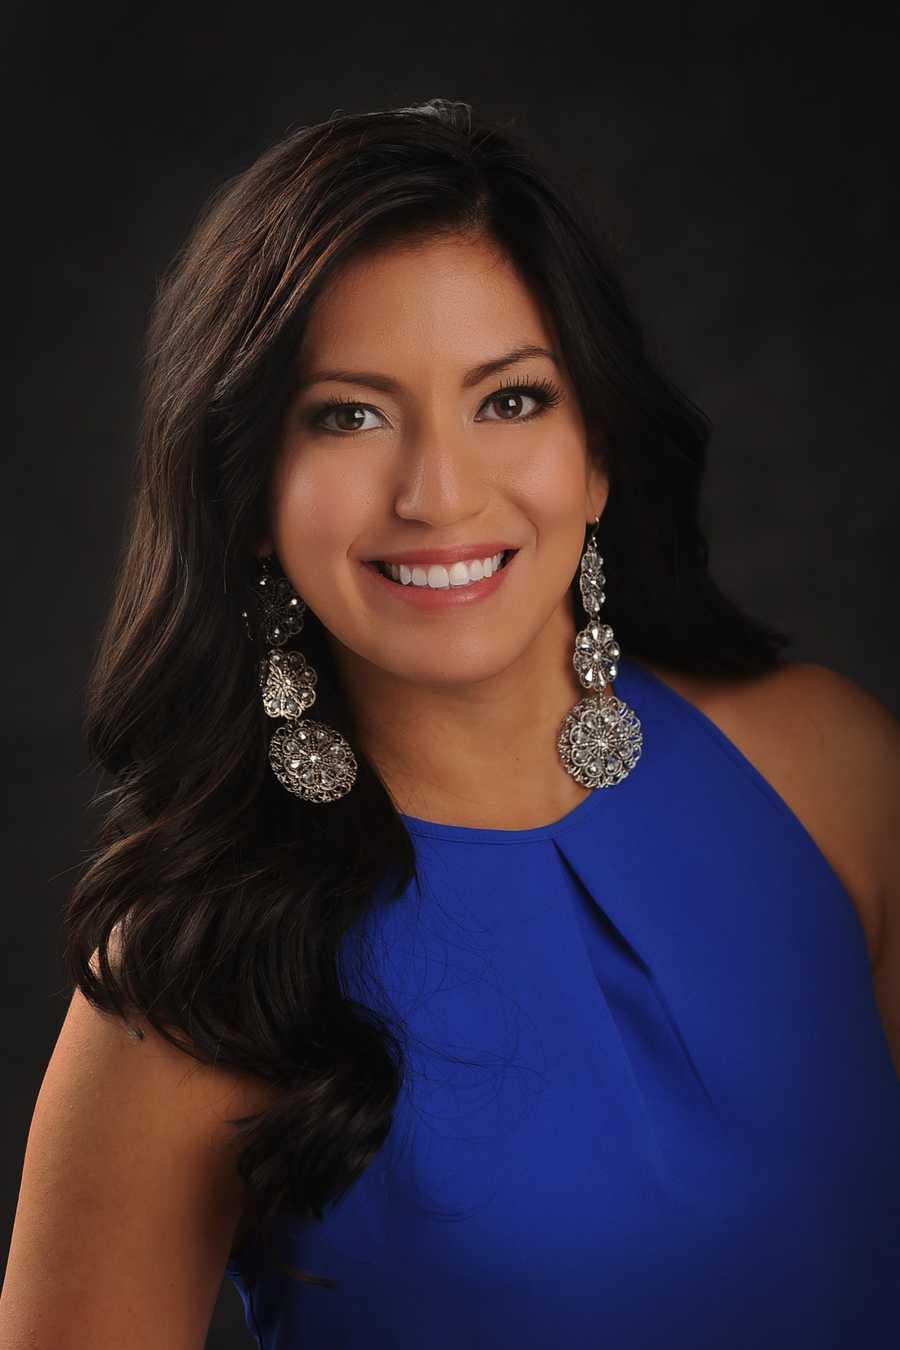 Stephanie Chavez, Miss Rio Rancho